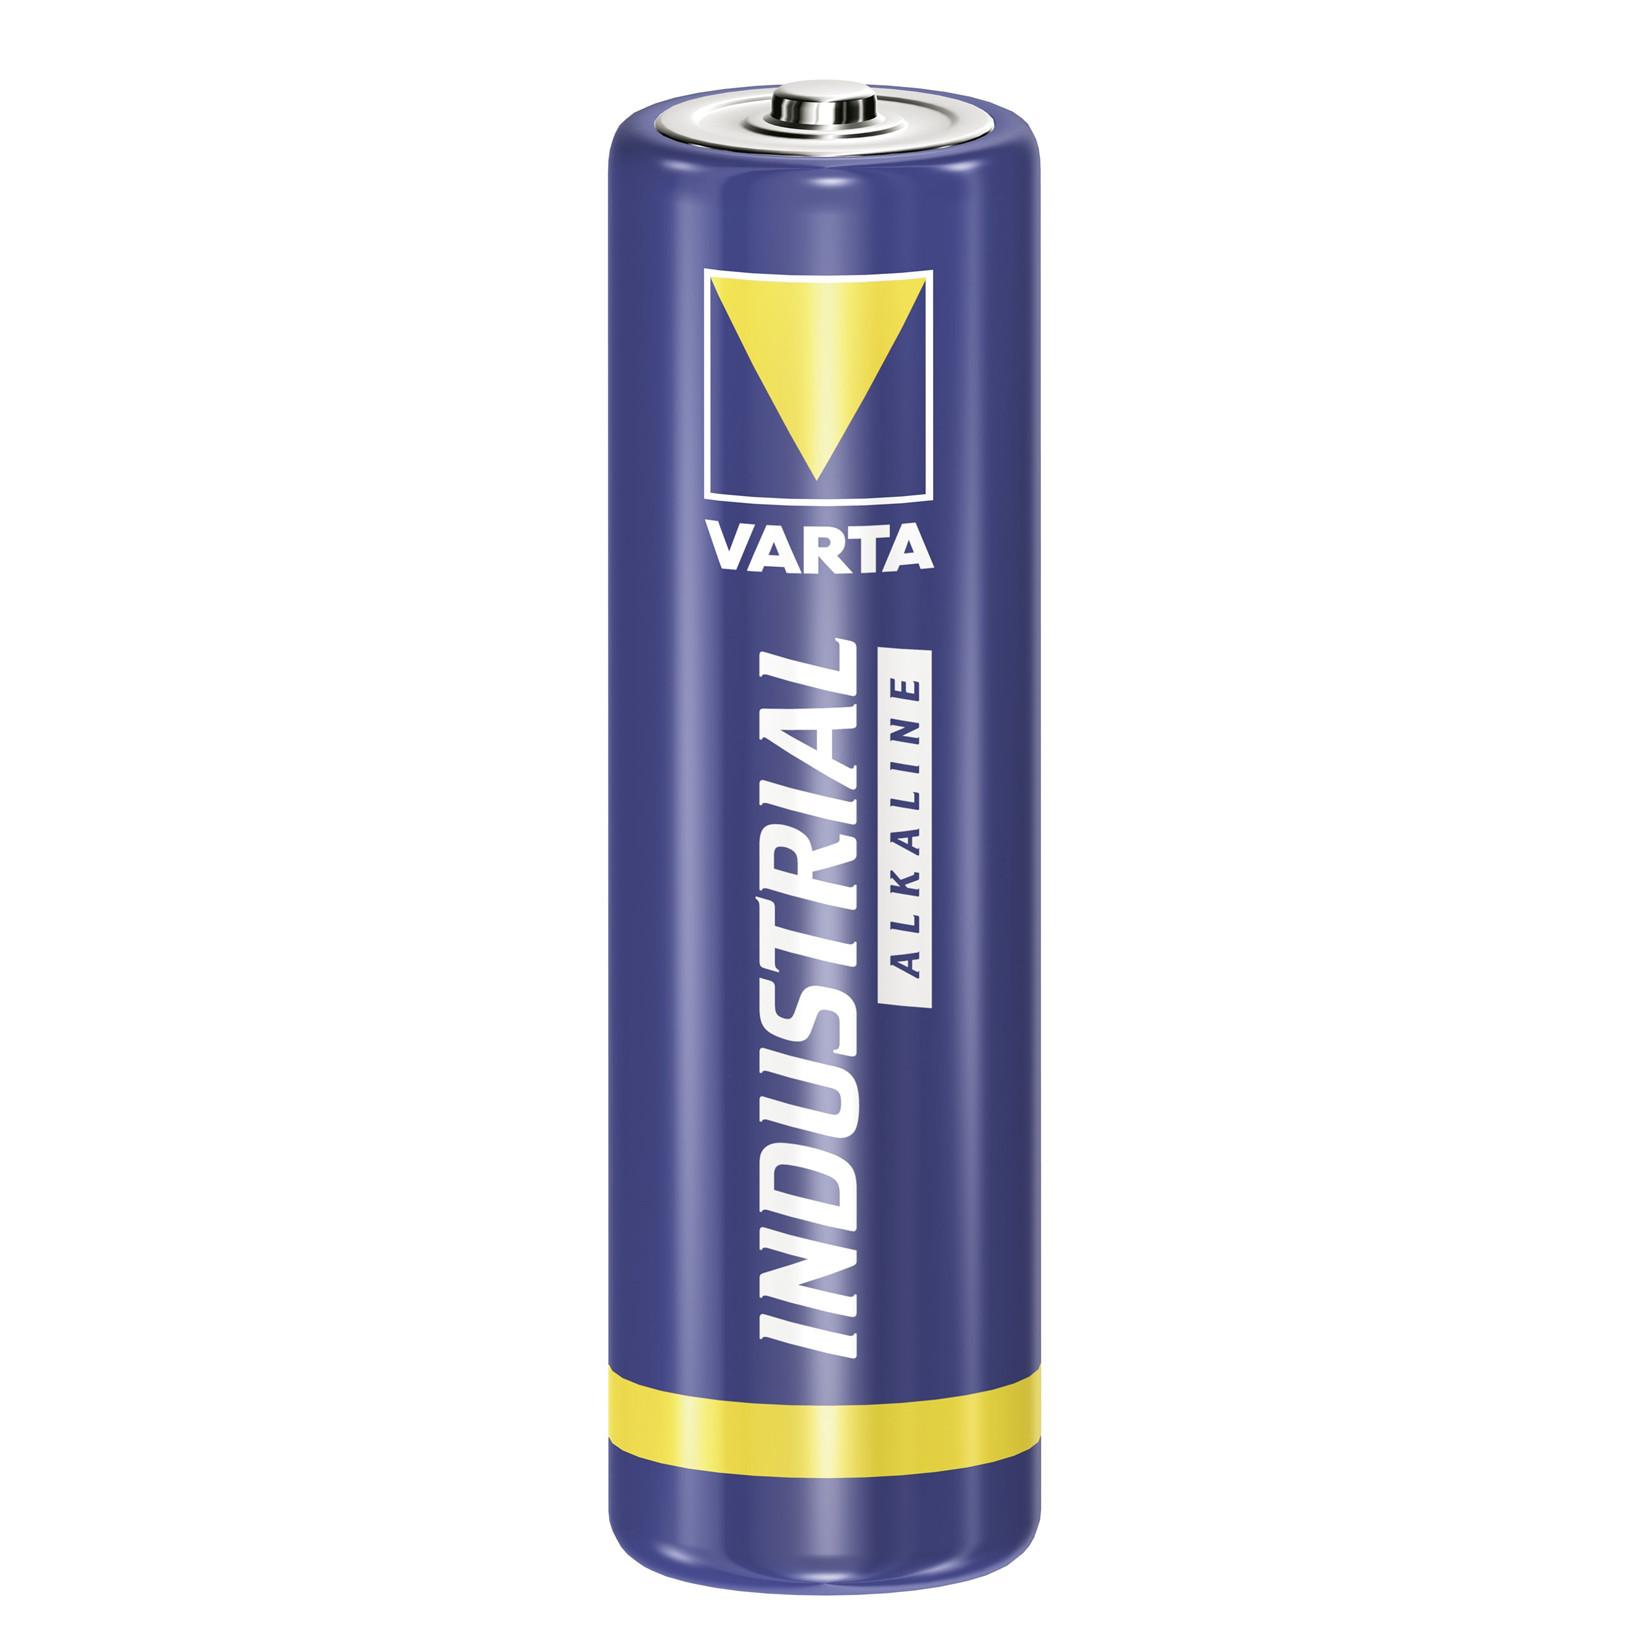 Batteri Varta Industrial LR 06 - AA 4 stk i en pakke